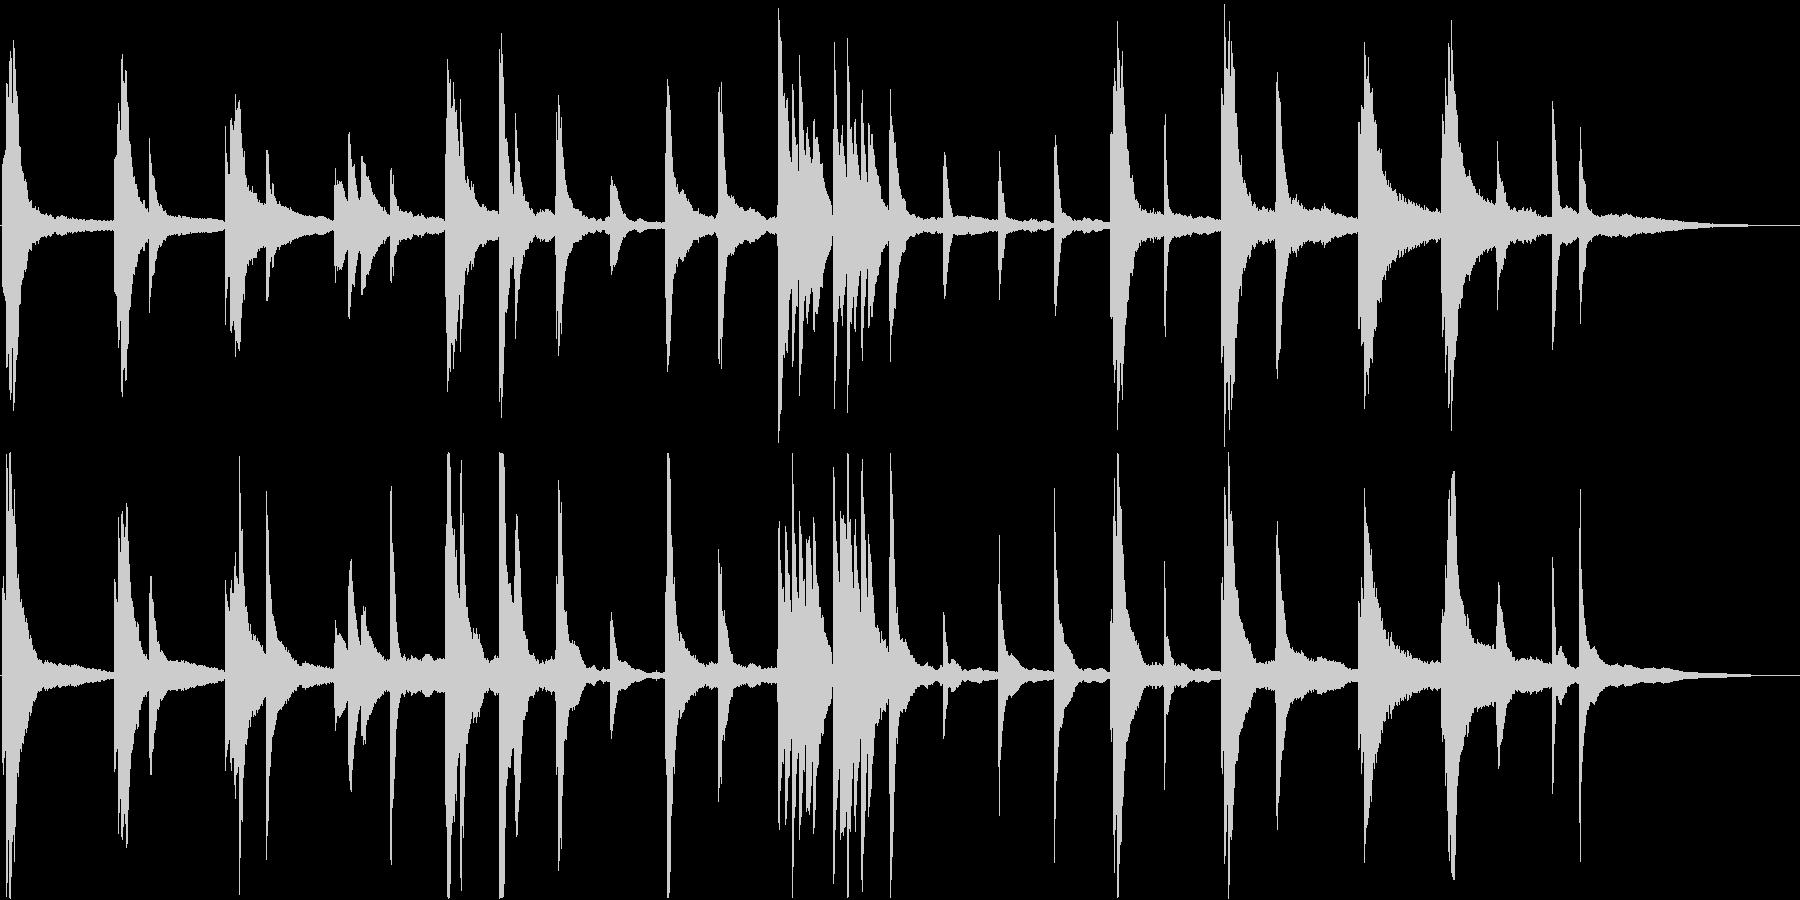 即興的な暗いピアノ・ソロ曲の未再生の波形